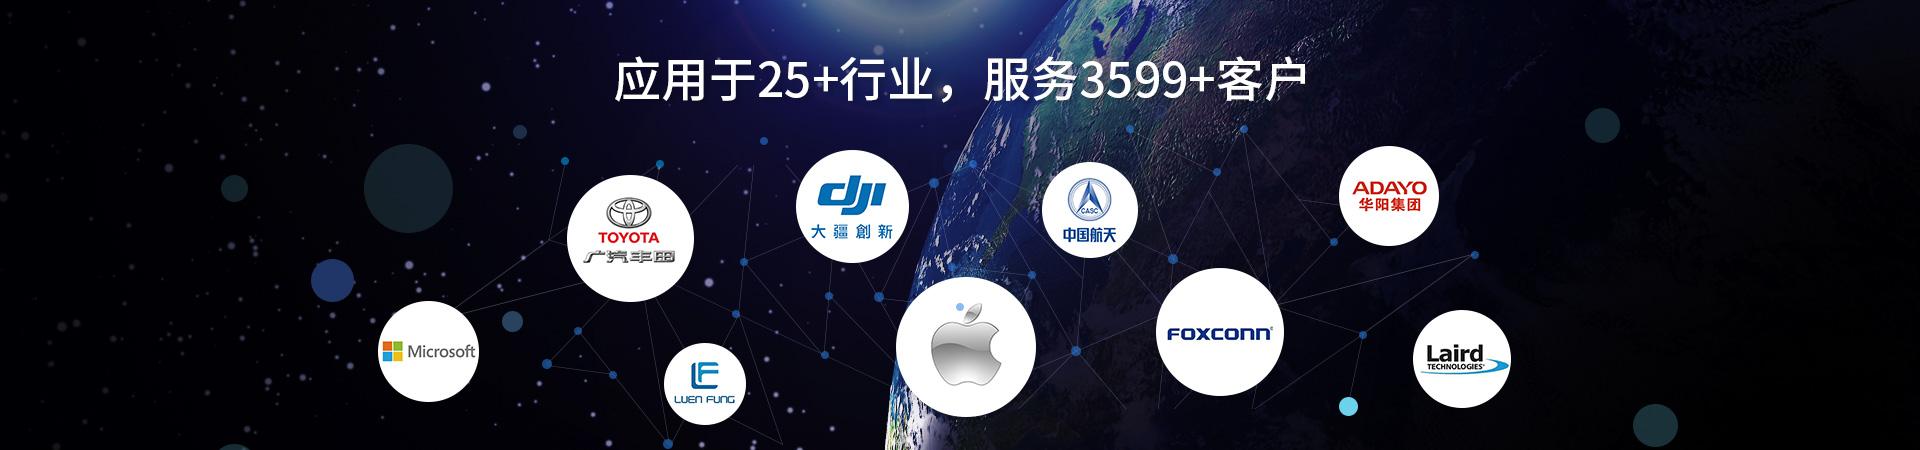 鑫承诺-应用于25+行业,服务3599+客户